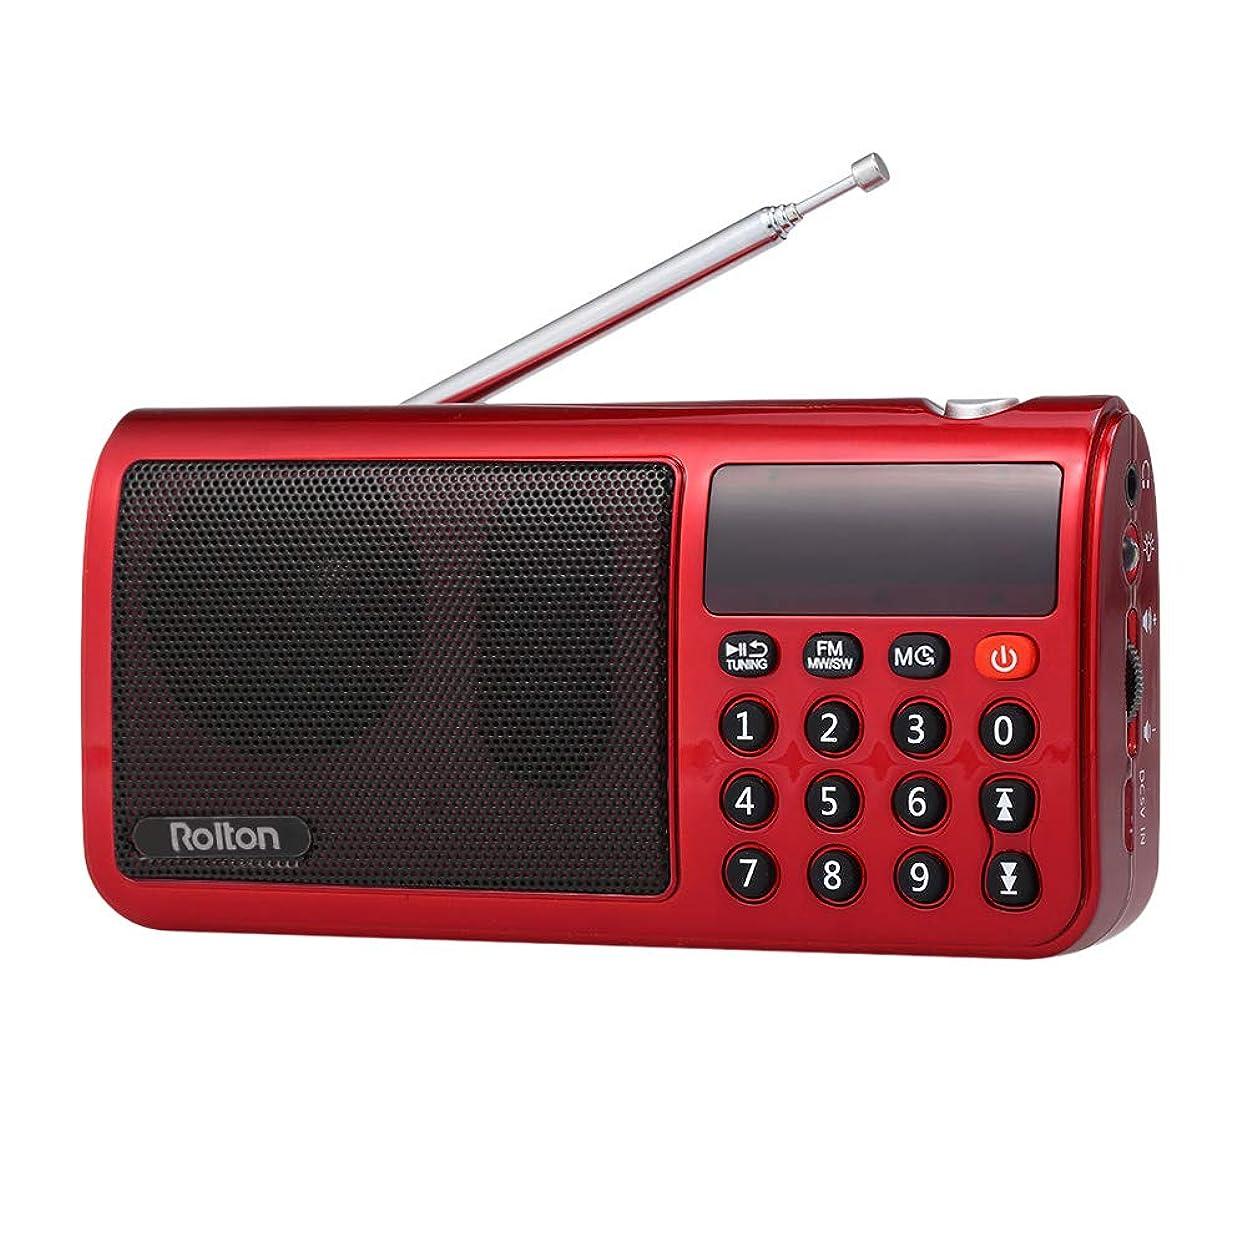 アストロラーベそこ軽くKKmoon Rolton T50 FM + MW + SW 3バンドデジタルラジオ ポータブルUSB有線コンピュータスピーカー HiFiステレオレシーバ(懐中電灯付)LEDディスプレイサポートTFミュージックプレイ